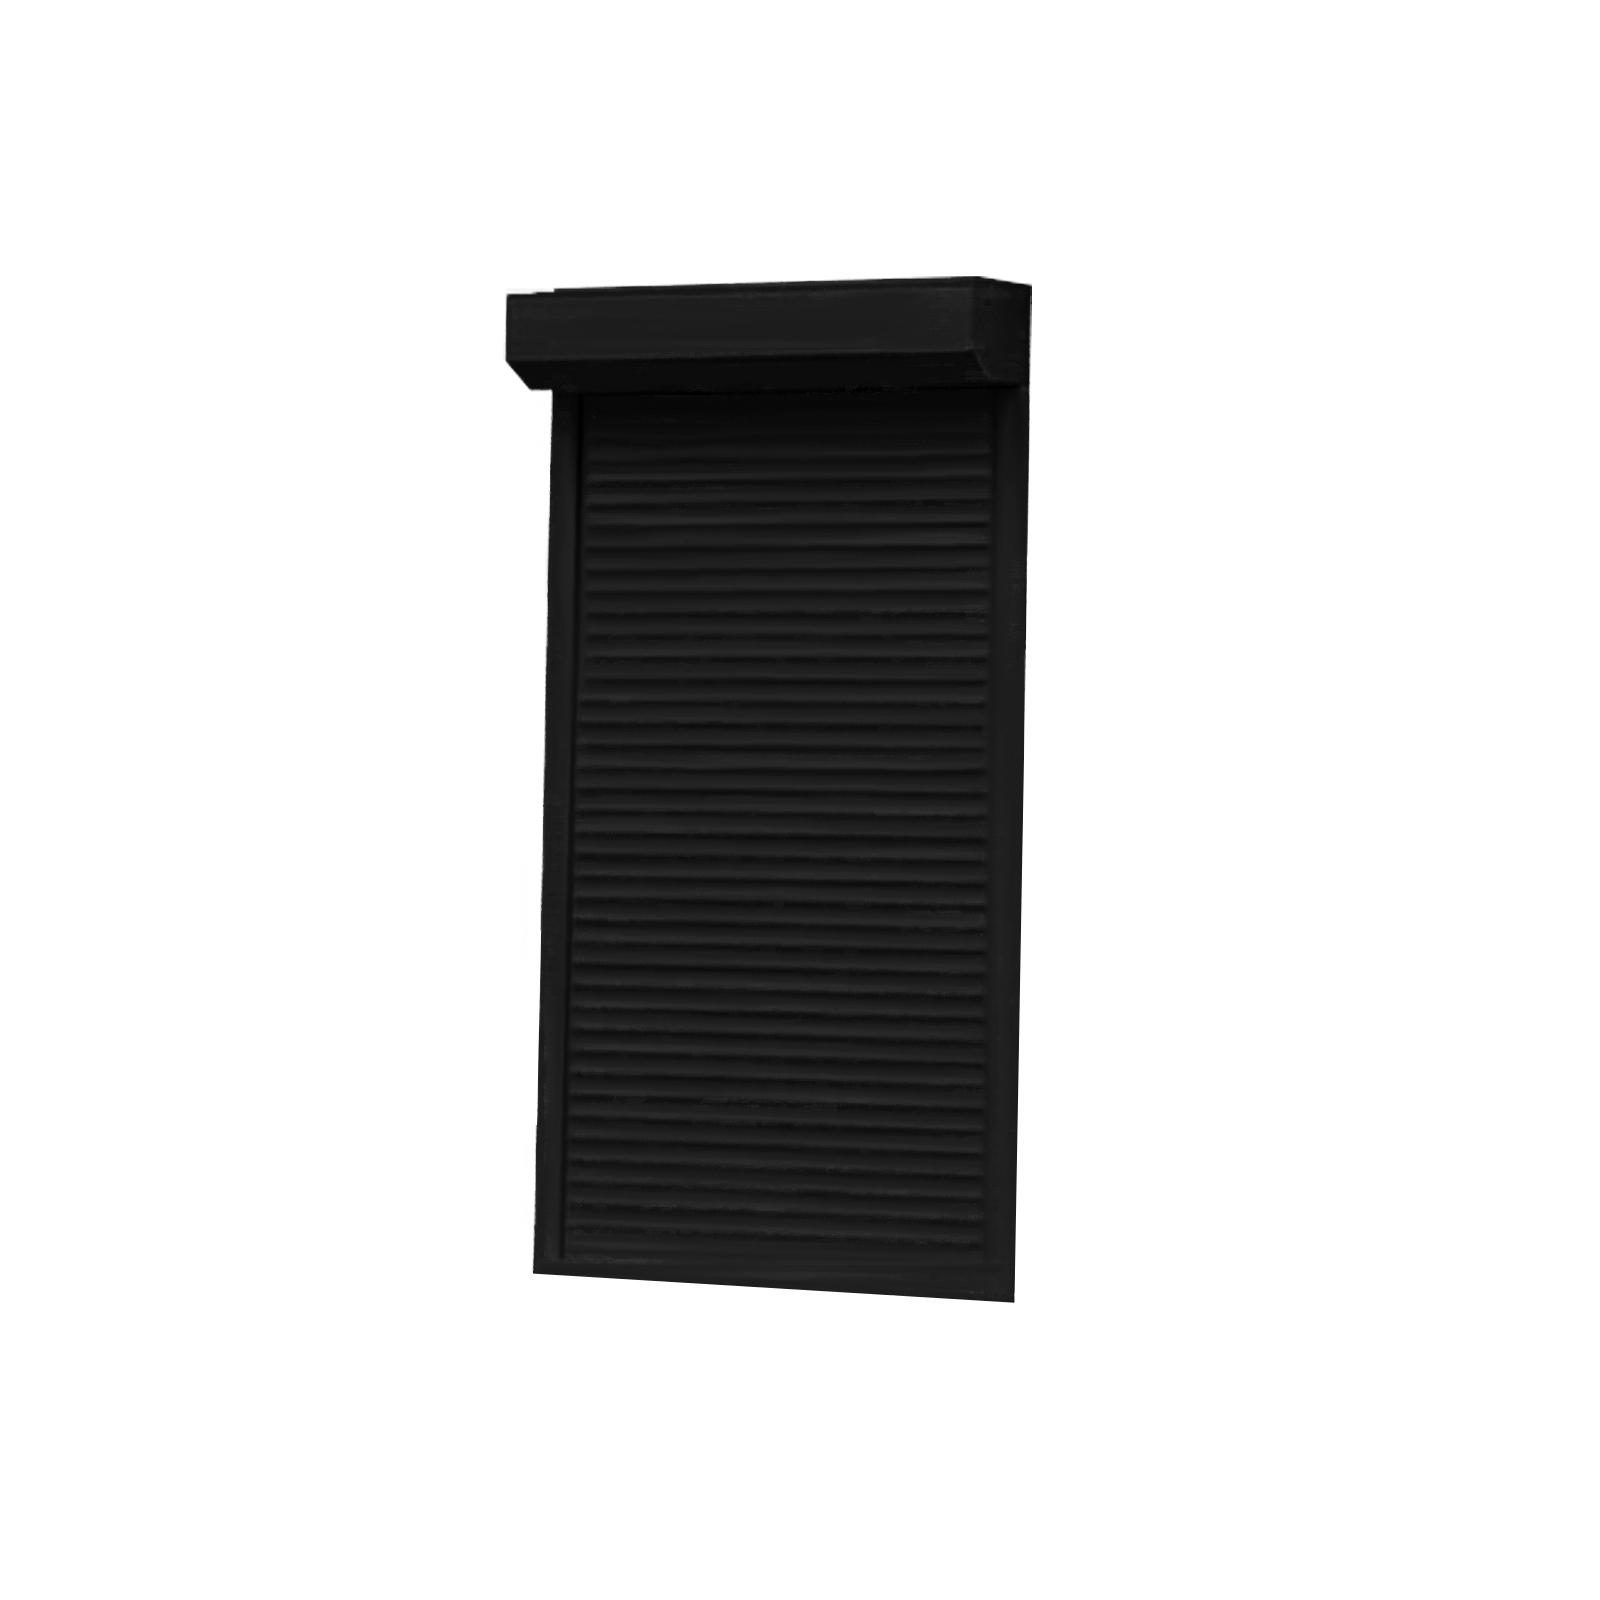 Everton 2201-2400 x 1801-2000mm On-Wall Battery Roller Shutter